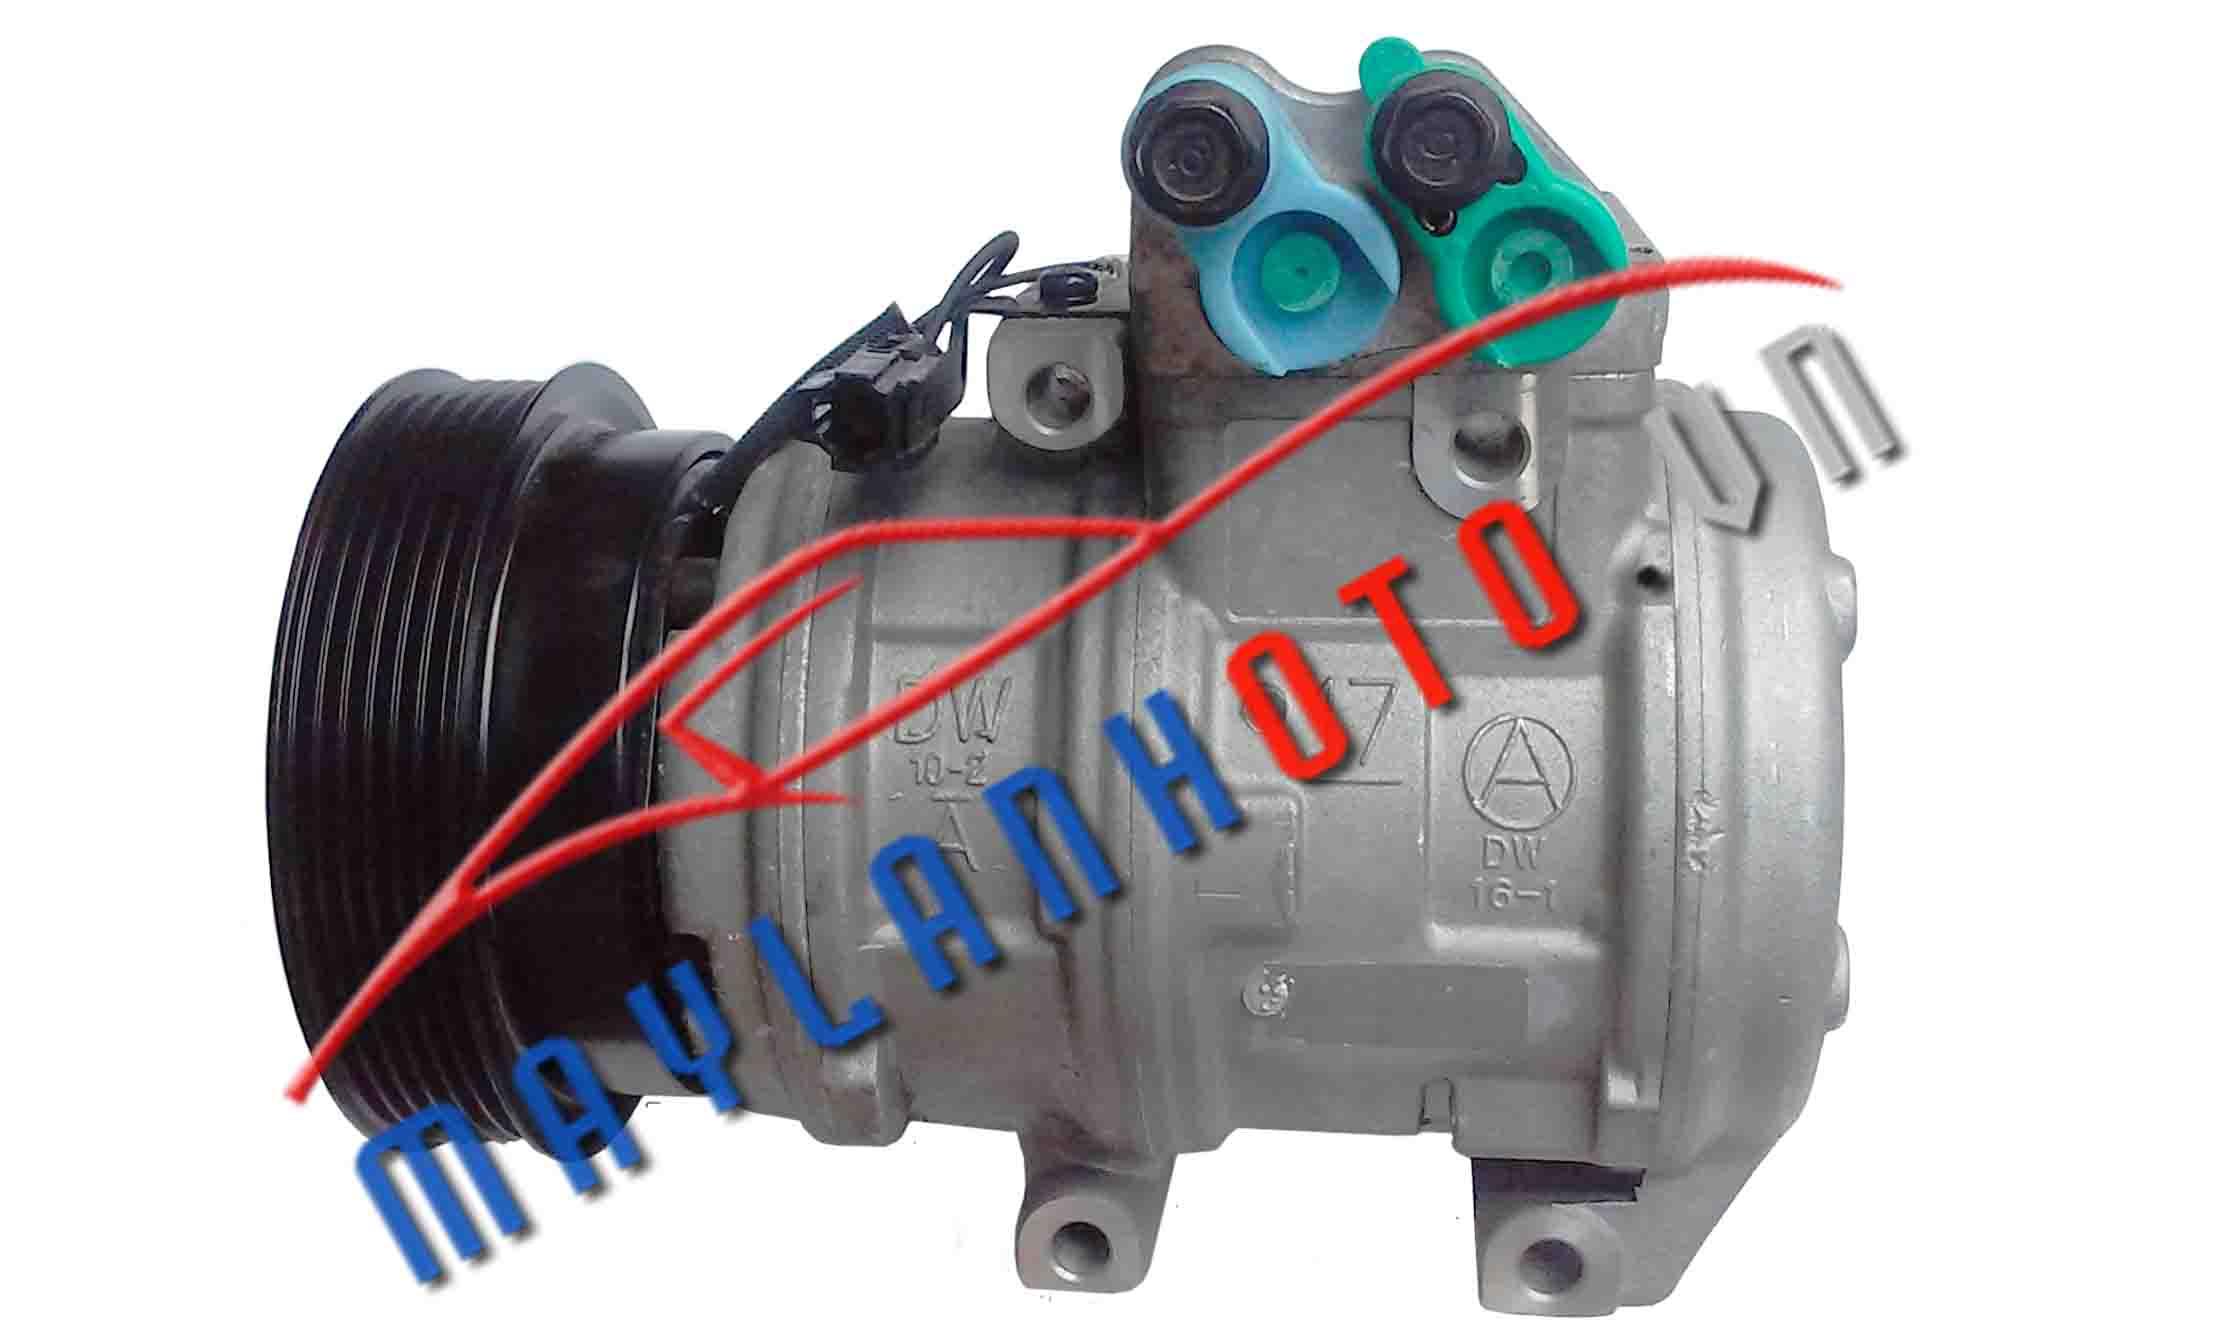 Carens máy xăng / Lốc lạnh điều hòa Kia Carens máy xăng / Máy nén khí điều hòa Kia Carens máy xăng